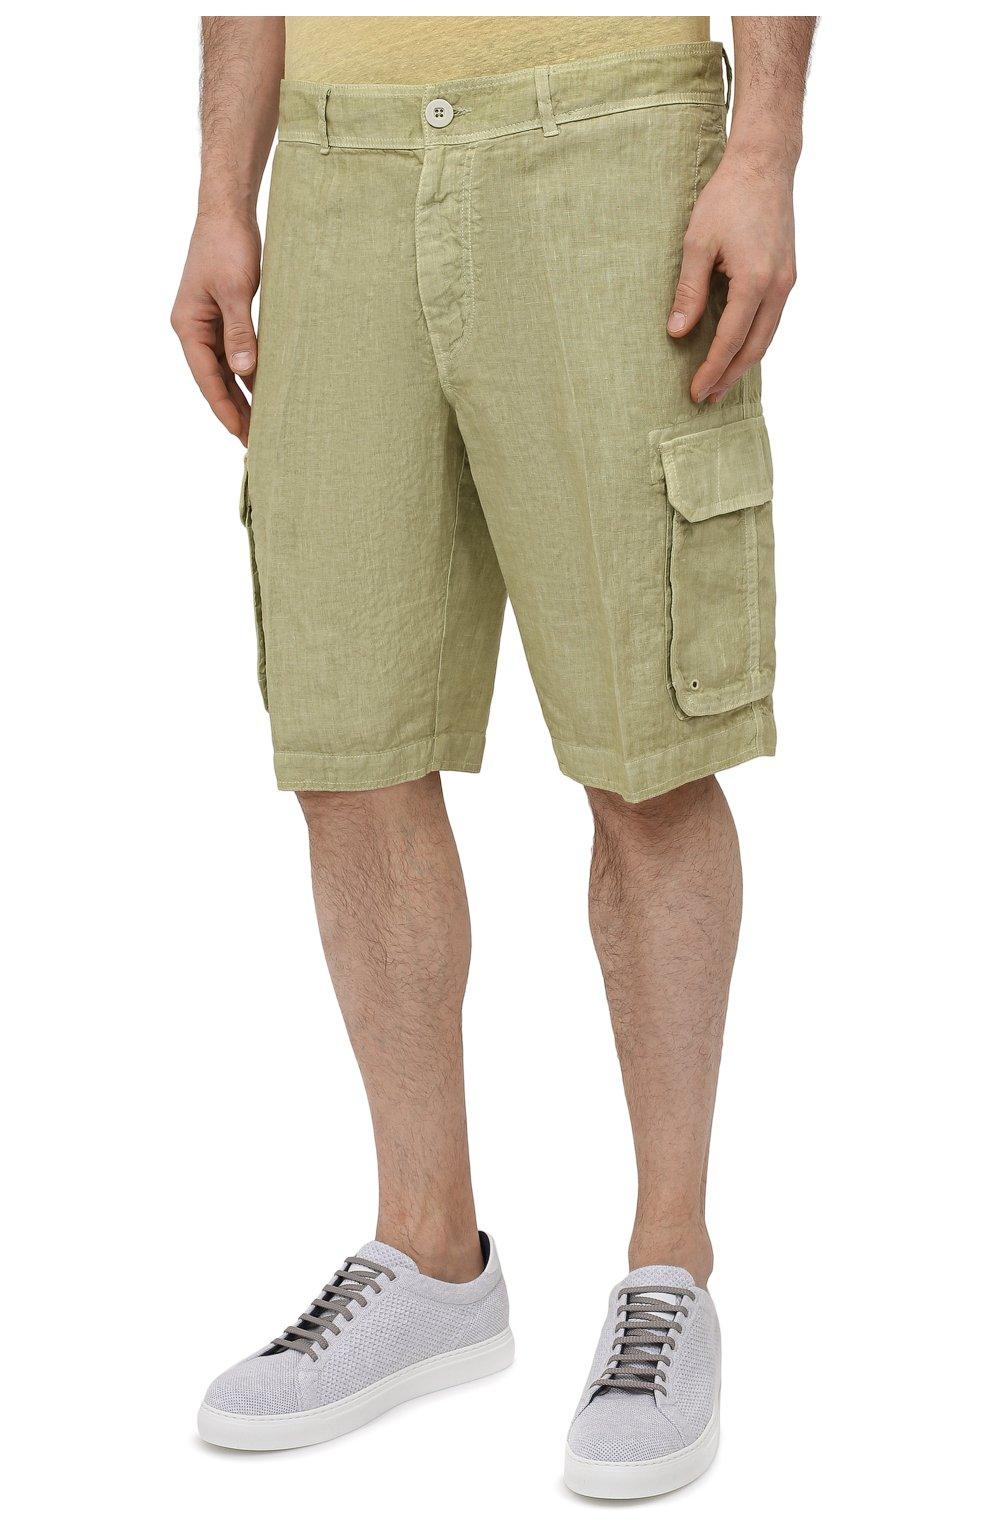 Мужские льняные шорты 120% LINO светло-зеленого цвета, арт. T0M2426/0253/S00   Фото 3 (Мужское Кросс-КТ: Шорты-одежда; Принт: Без принта; Длина Шорты М: Ниже колена; Материал внешний: Лен; Стили: Кэжуэл)